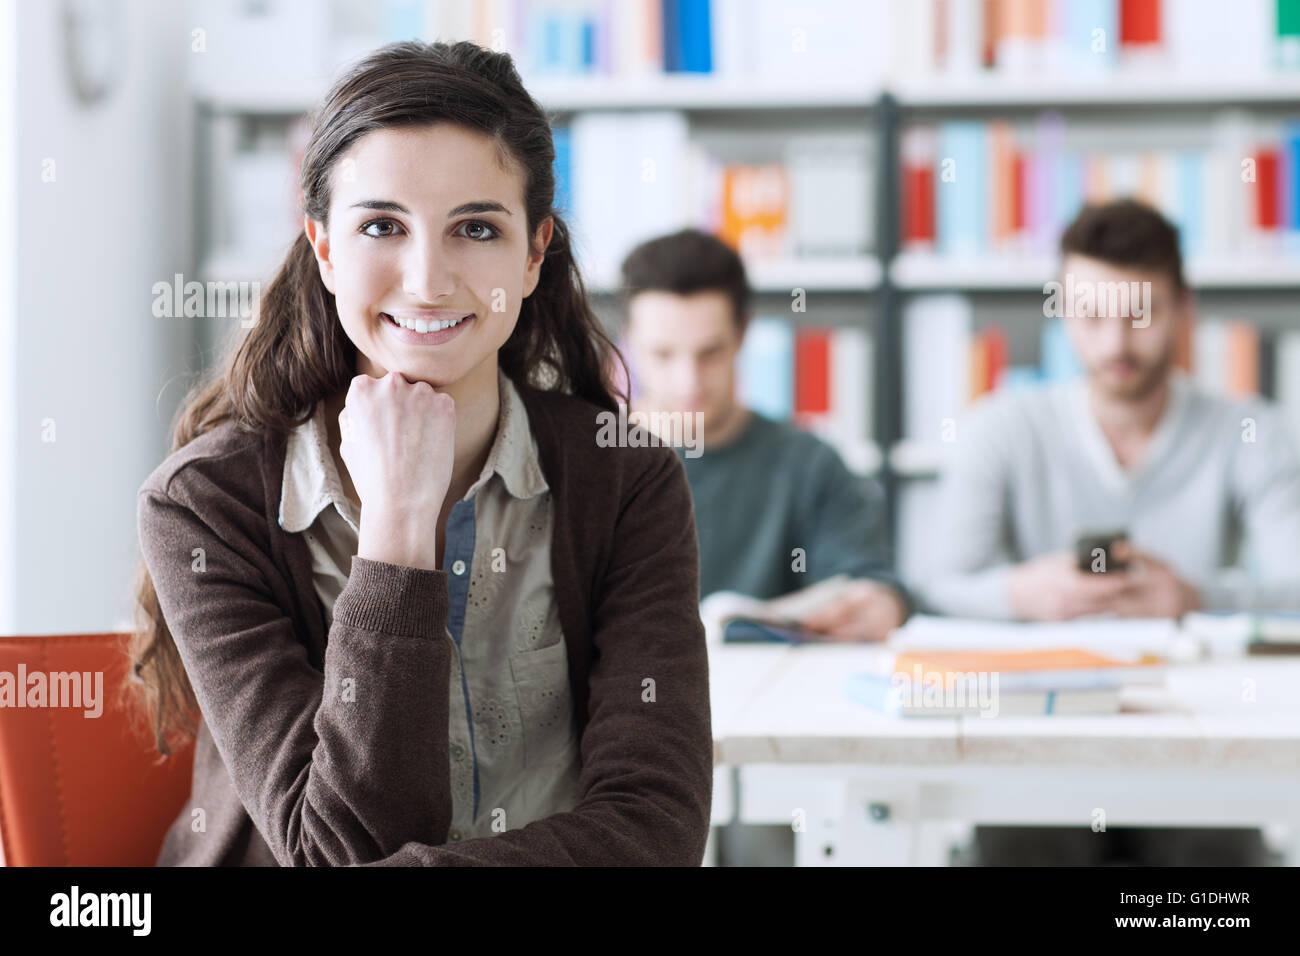 Jungen Student an der Bibliothek, Blick in die Kamera Lächeln, sitzen ihre Mitschüler am Schreibtisch Stockbild